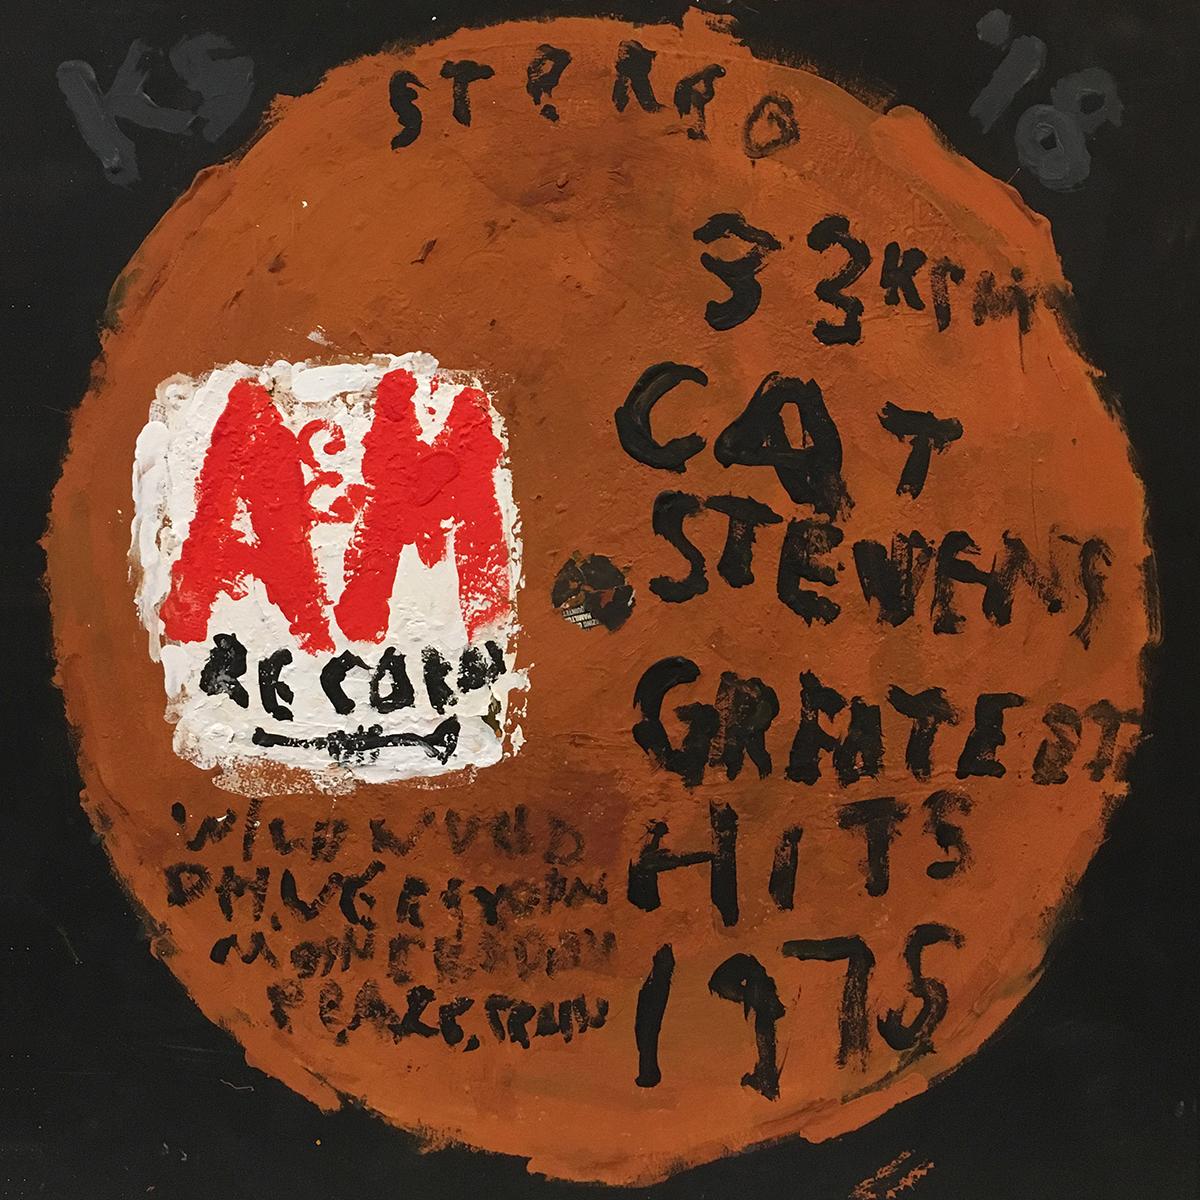 Cat Stevens / Greatest hits